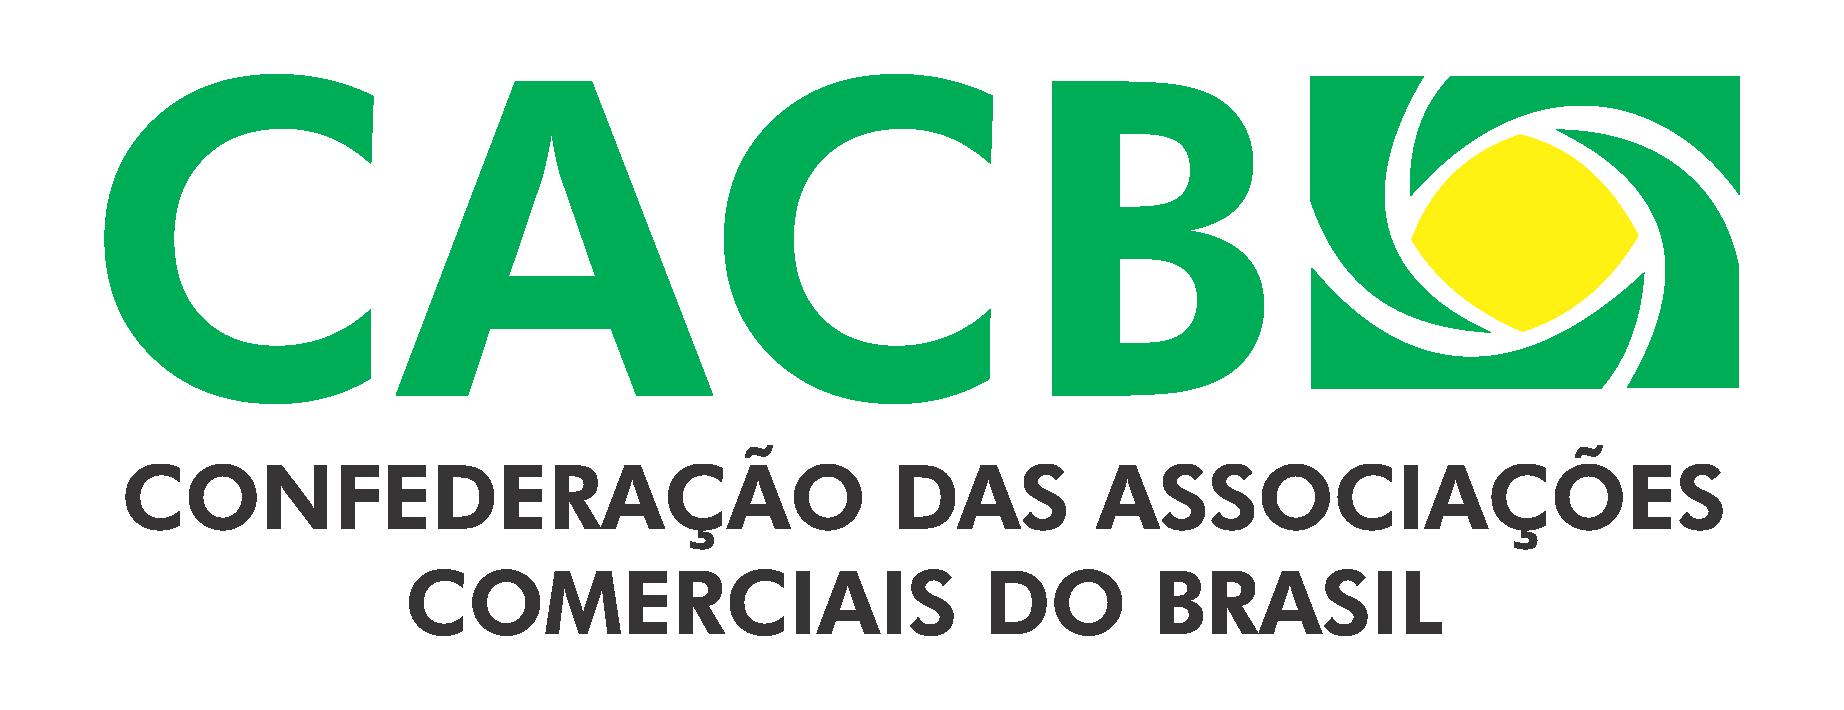 Image result for cacb google images confederação da associações